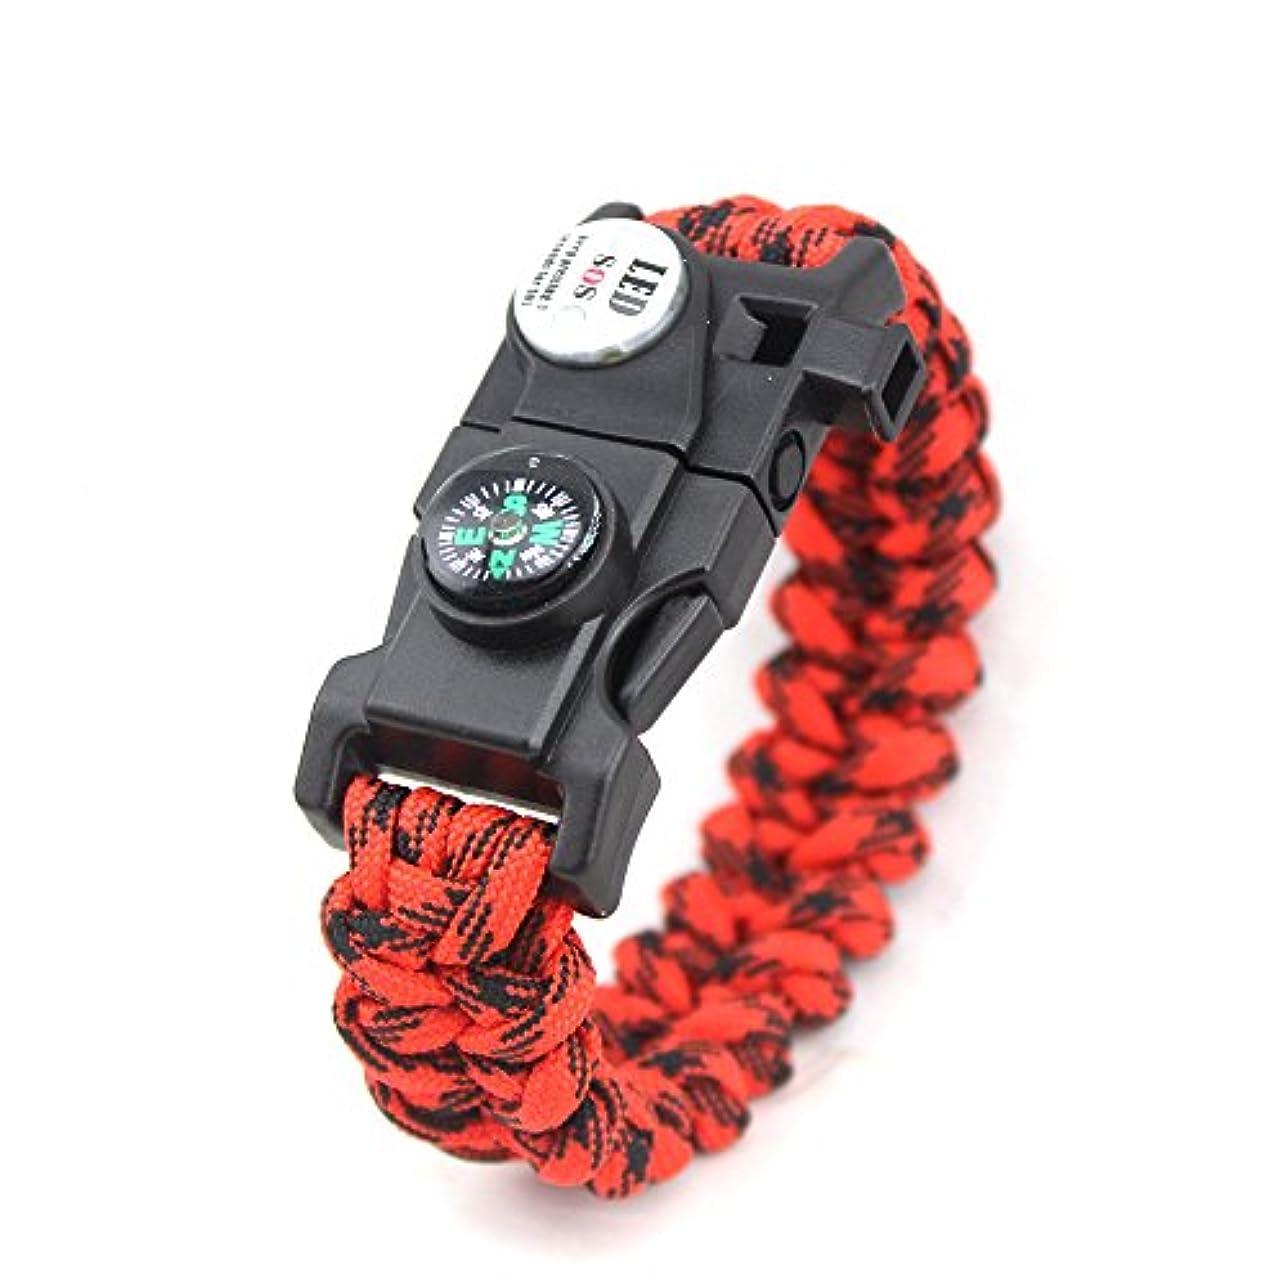 ストライド同一の再発するYAZILIND ユニセックスサバイバルブレスレット LED コンパス火災石笛